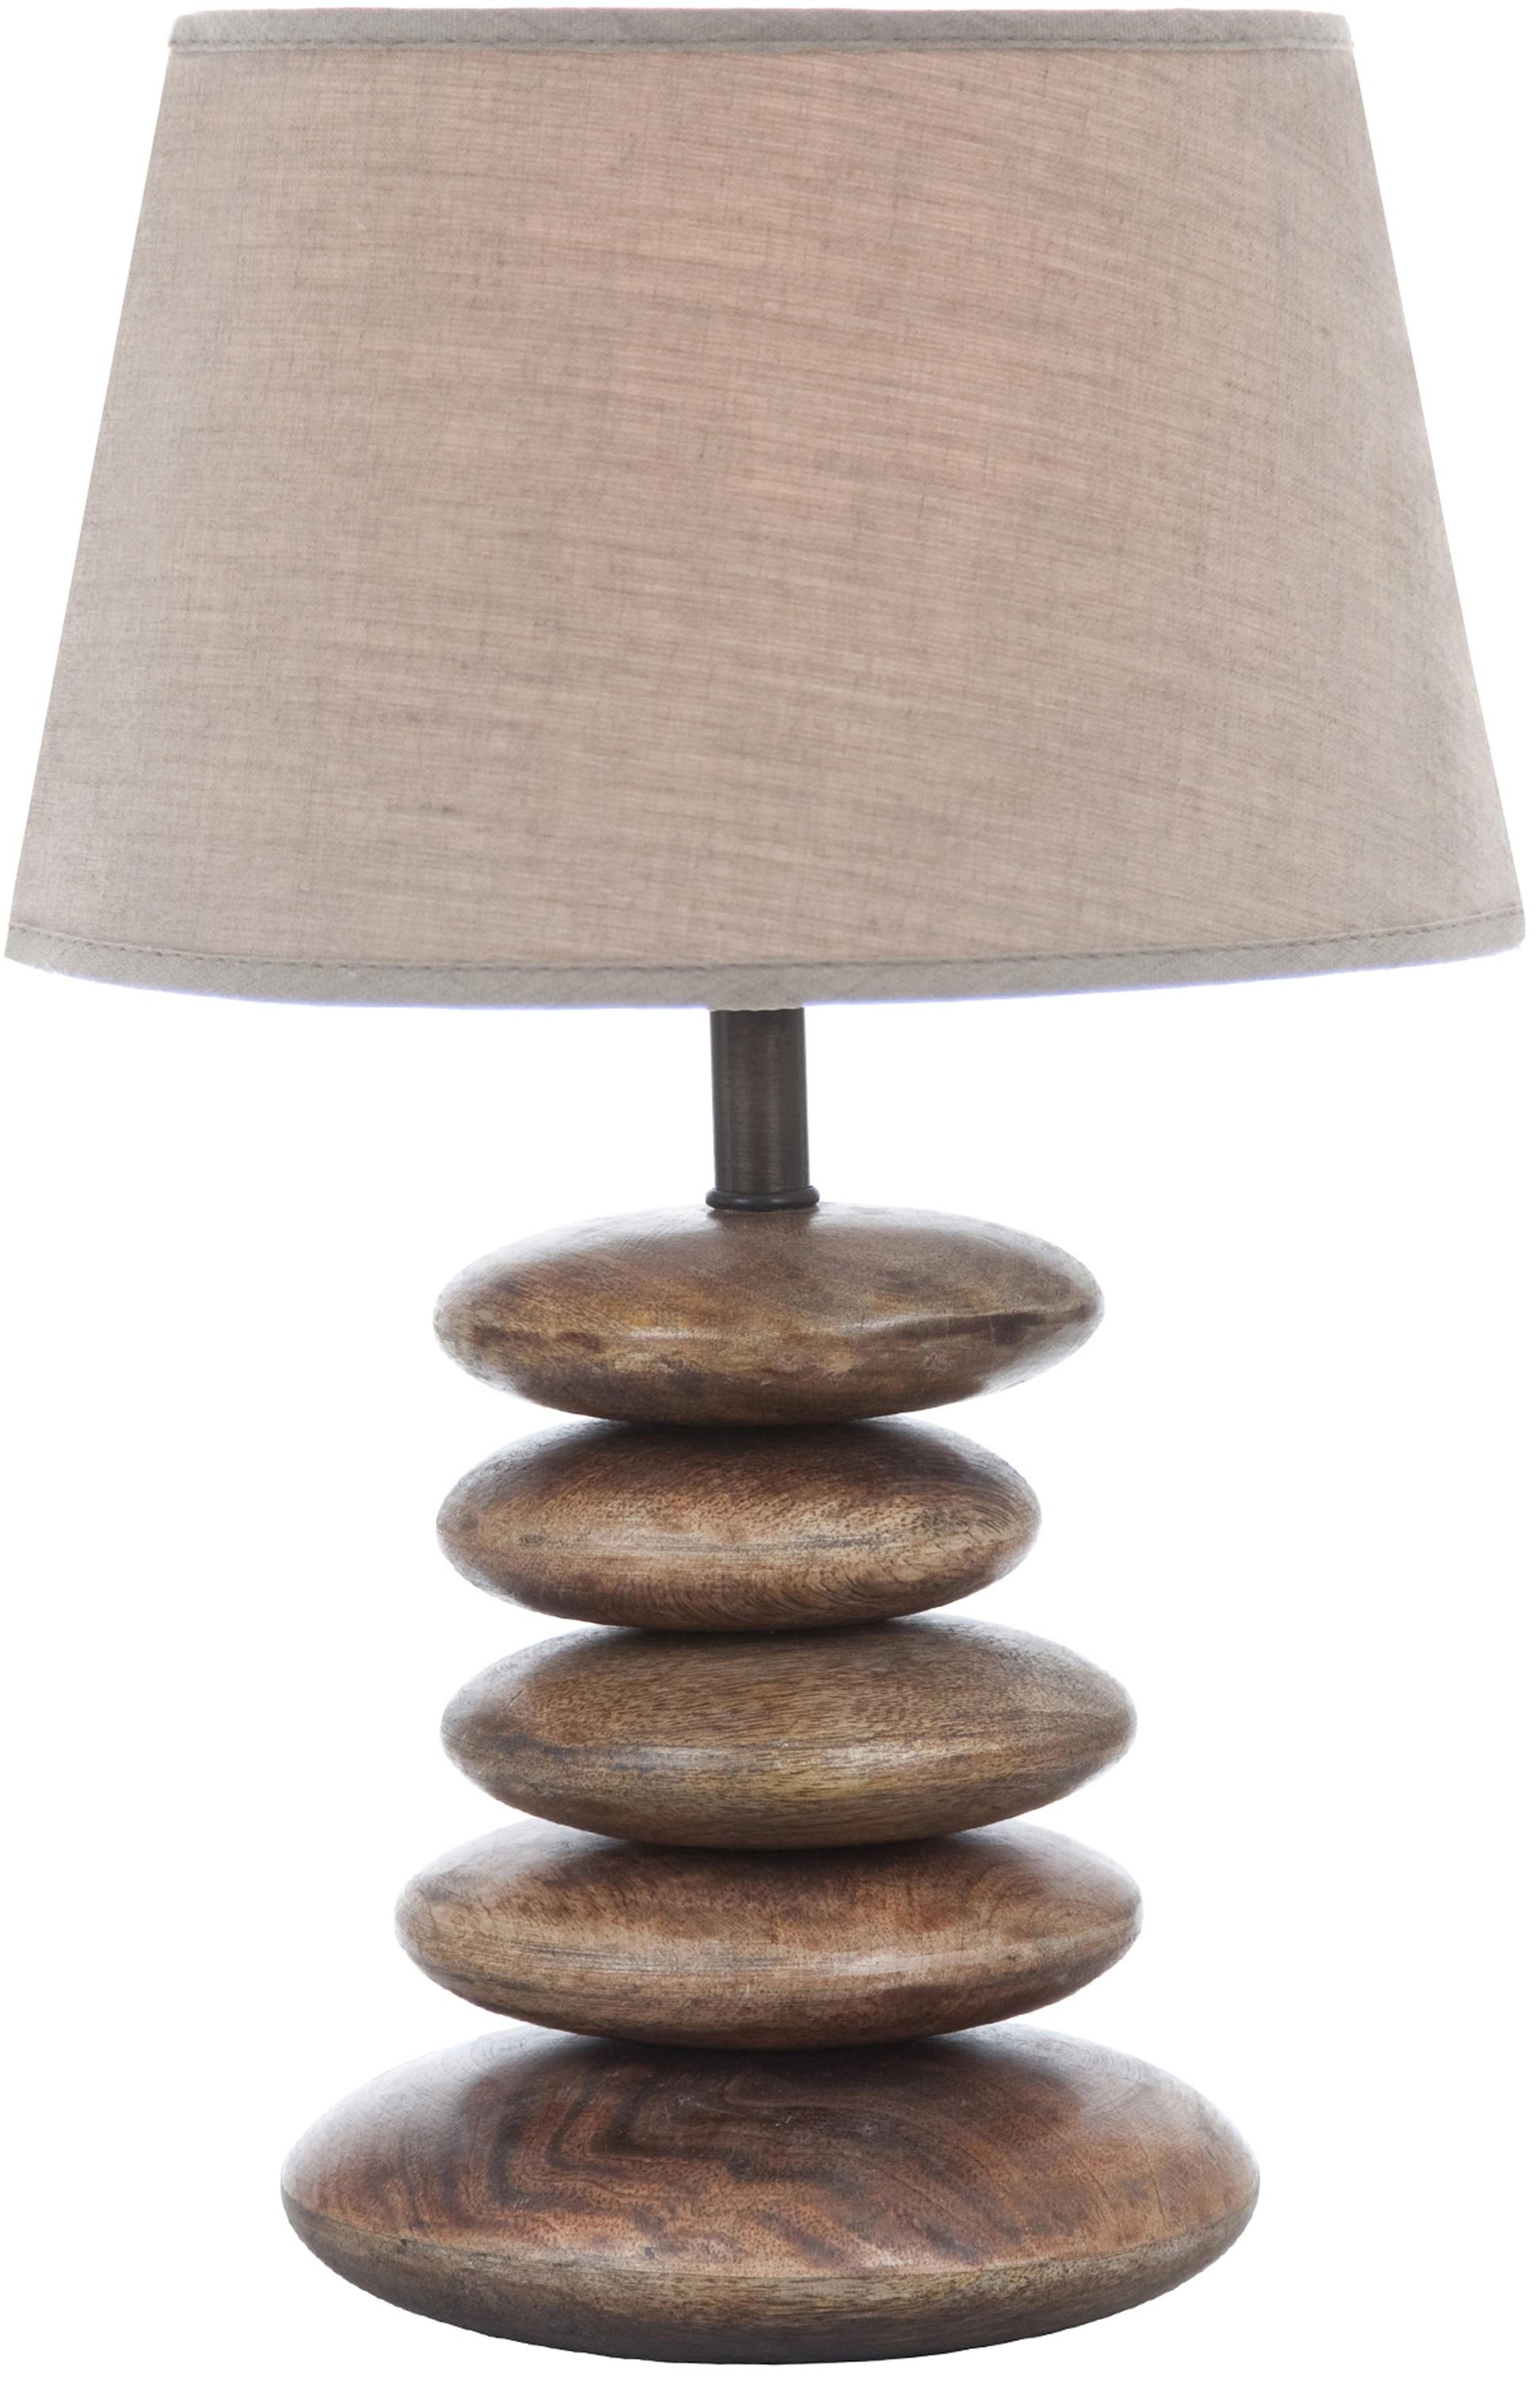 Noska bordslampa Trä Lin 1495 kr Trendrum se